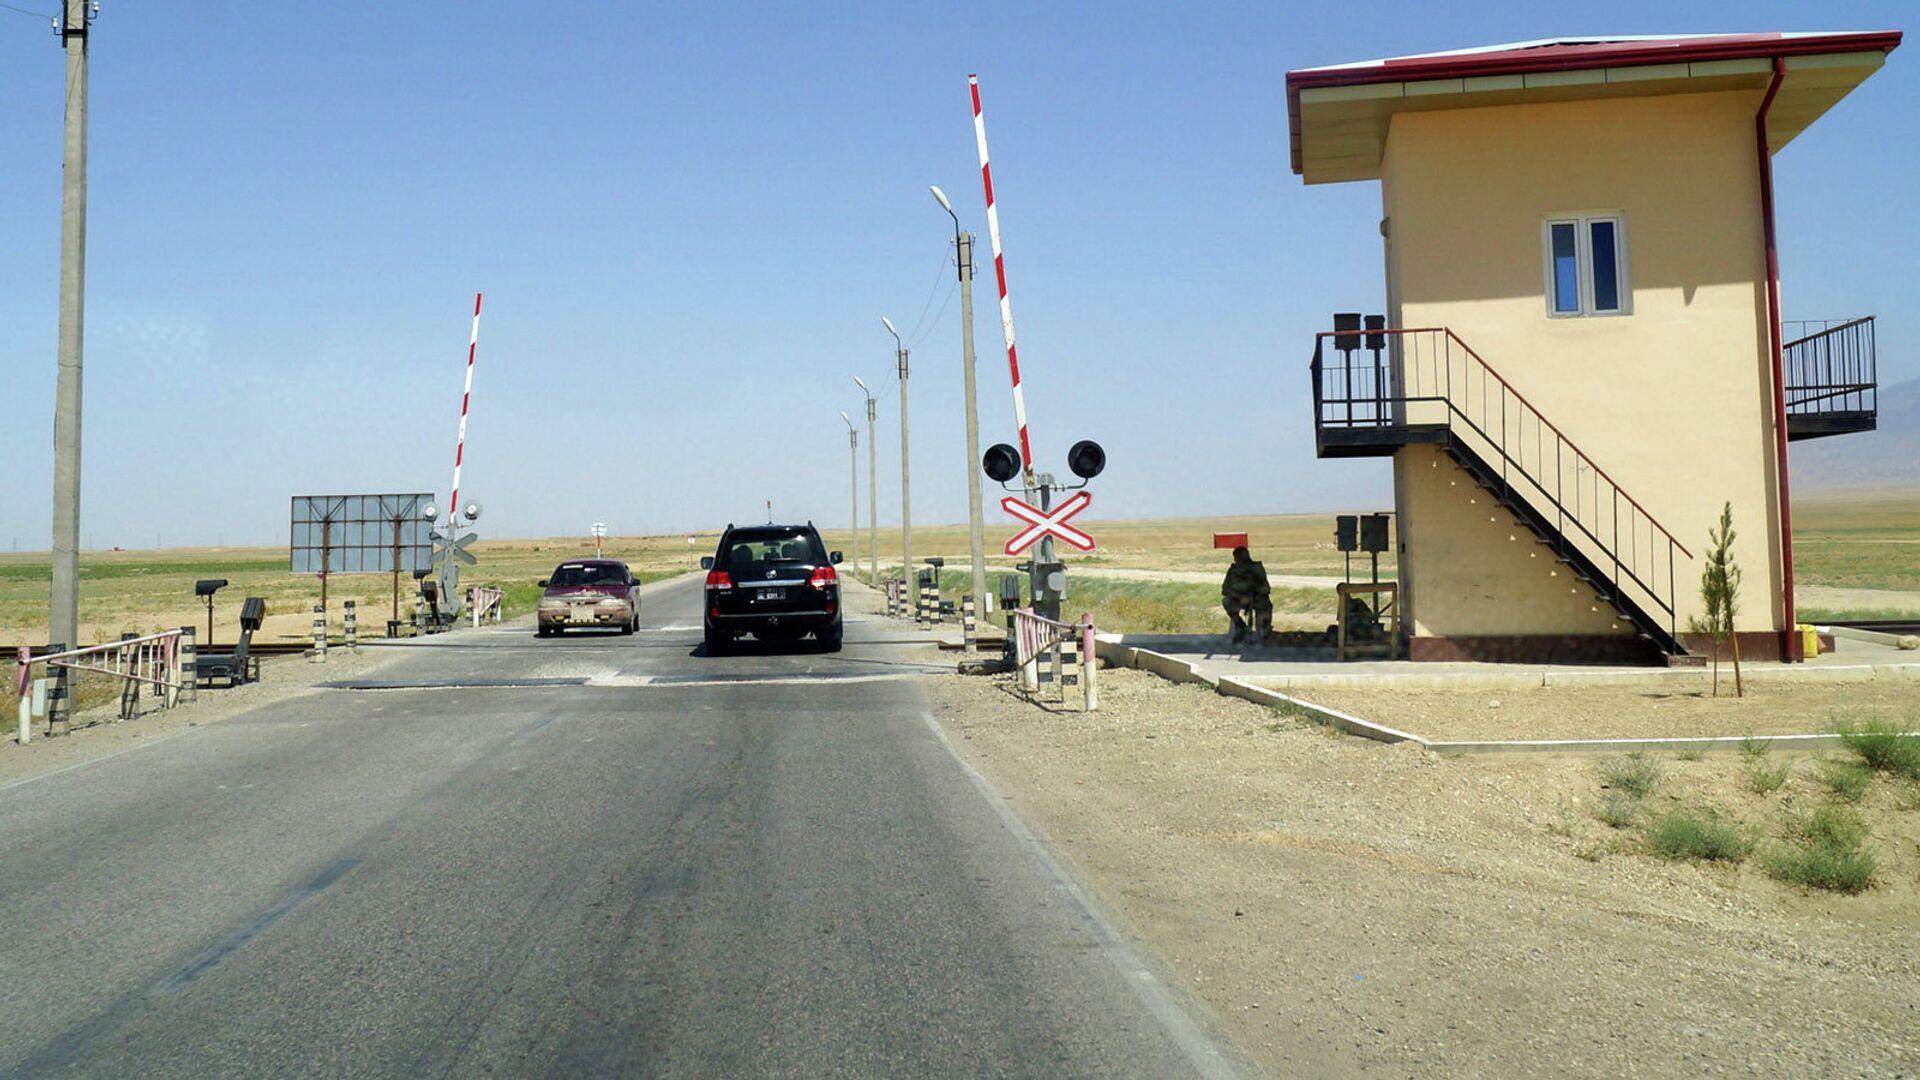 КПП на границе. Архивное фото - Sputnik Таджикистан, 1920, 30.07.2021